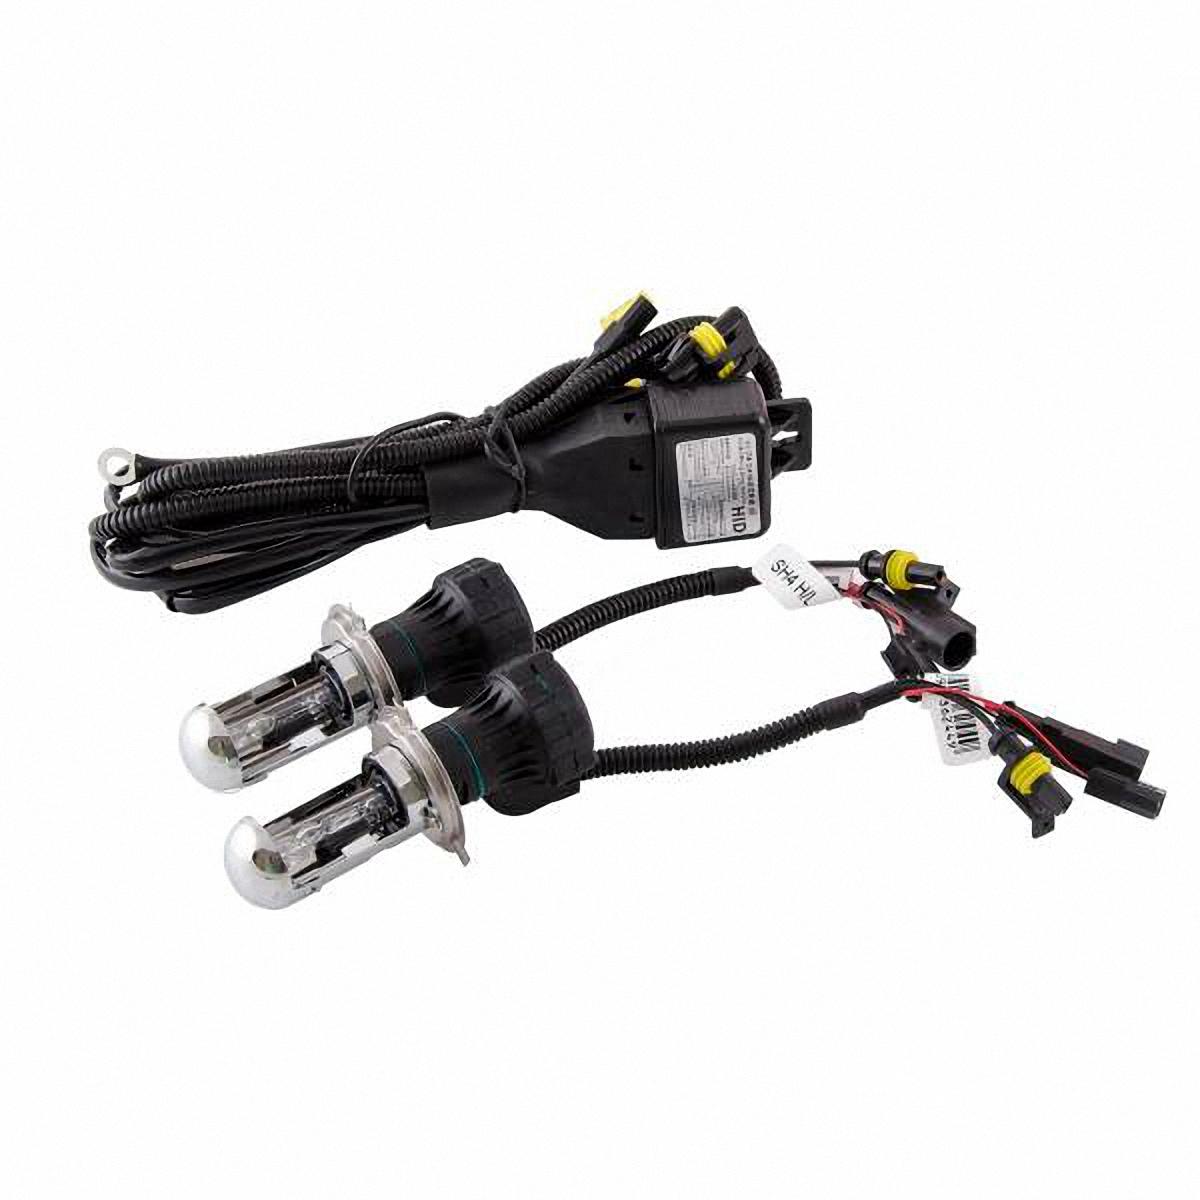 Лампа автомобильная Skyway, биксенон, цоколь H4, 35 Вт, 12 В, 2 штSH4 H/L 4300KДанная биксеноновая лампа под цоколь H4 применяется в автомобилях со световой системой, в которой в одной лампе совмещены ближний и дальний свет (в одной лампе 2 спирали). Автолампа биксенон SKYWAY устойчива к тряскам, имеет продолжительный срок эксплуатации. За счет лучшего освещения дорожной разметки и дорожных знаков, вы будете чувствовать себя уверенно в плохих погодных условиях и в темное время суток. А мягкий бело-желтый свет лампы не ослепляет водителей встречного потока автомобилей. Особенности: Защита от короткого замыкания, перенапряжения, низкого напряжения Комплект предназначен для установки в посадочные места галогеновых автомобильных ламп Упрощенная инсталляция на любой автомобиль без замены штатной проводки Колба лампы изготовлена из кварцевого стекла Водонепроницаемый корпус Короткое время розжига Характеристики: Цветовая температура: 4300К Цоколь: Н4 Мощность: 35 Вт ...